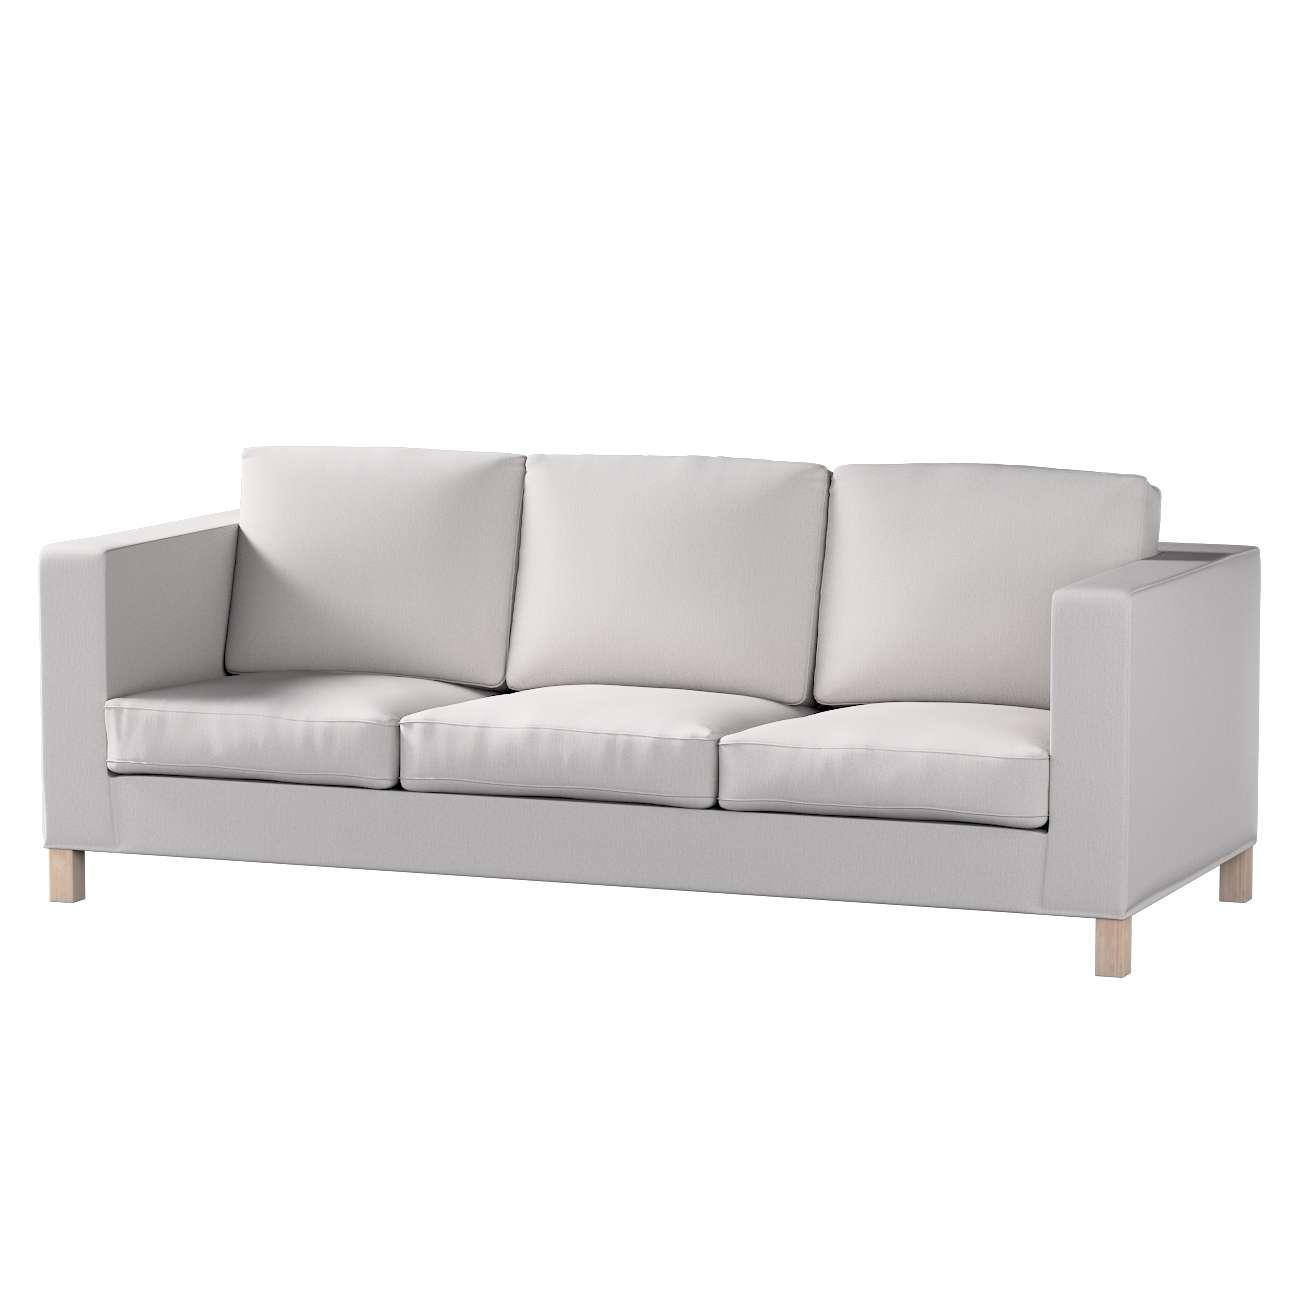 KARLANDA trivietės sofos užvalkalas KARLANDA trivietės sofos užvalkalas kolekcijoje Chenille, audinys: 702-23